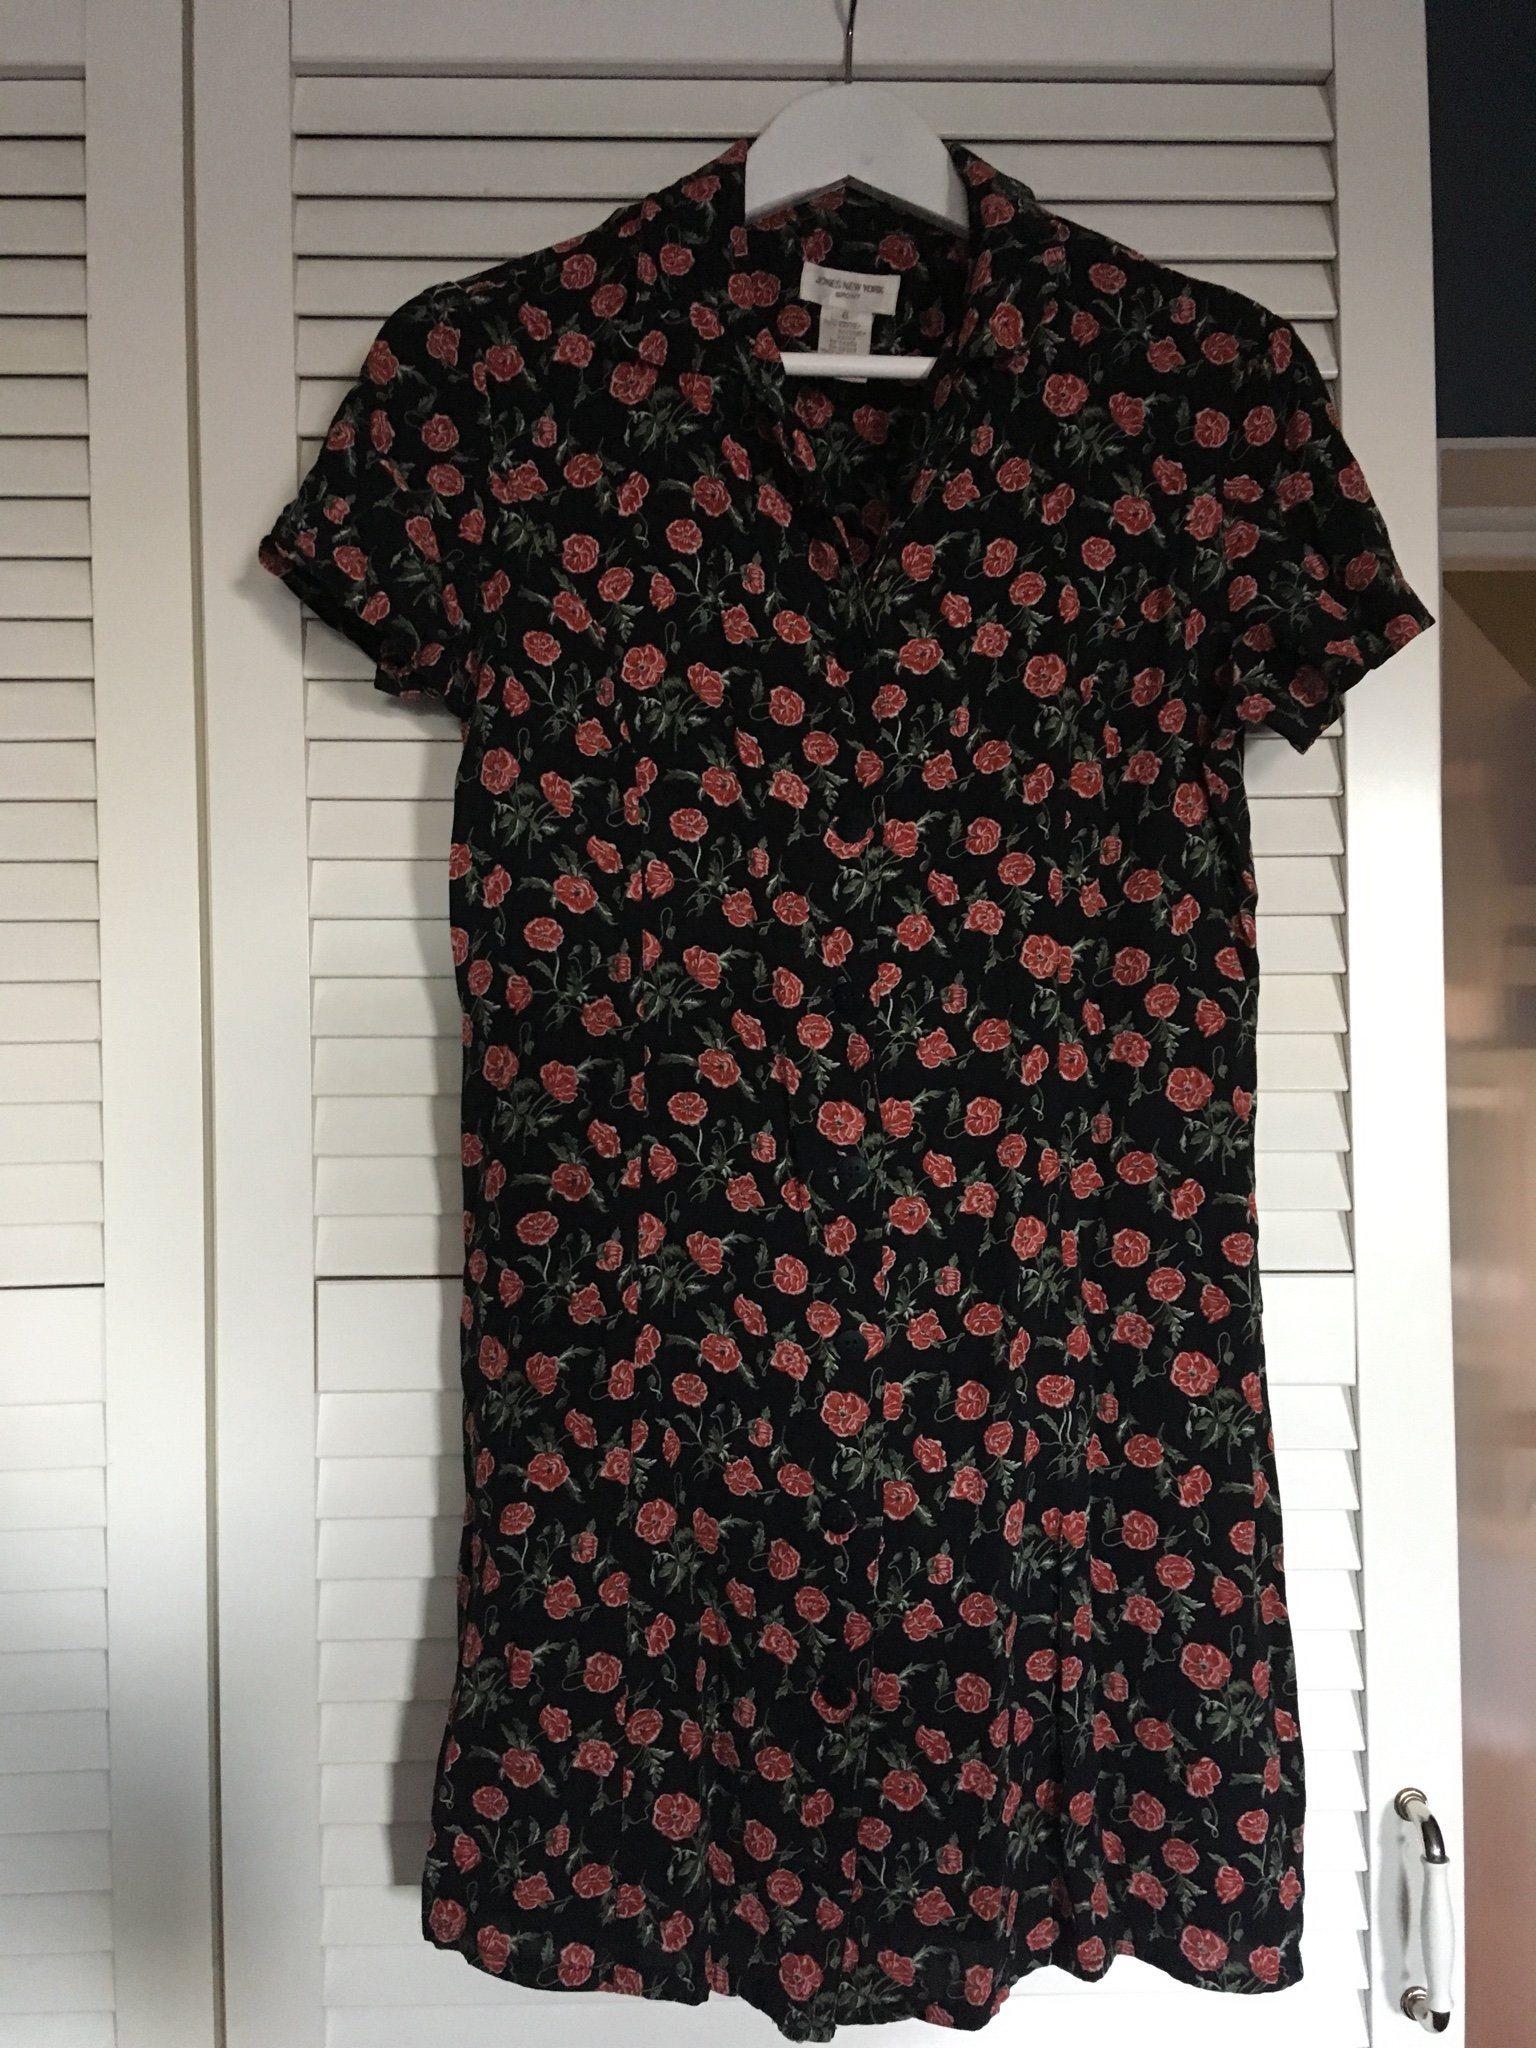 bcfd5be933e8 blommig klänning rosor knappar 90s 90-tal likna.. (345483649) ᐈ Köp ...